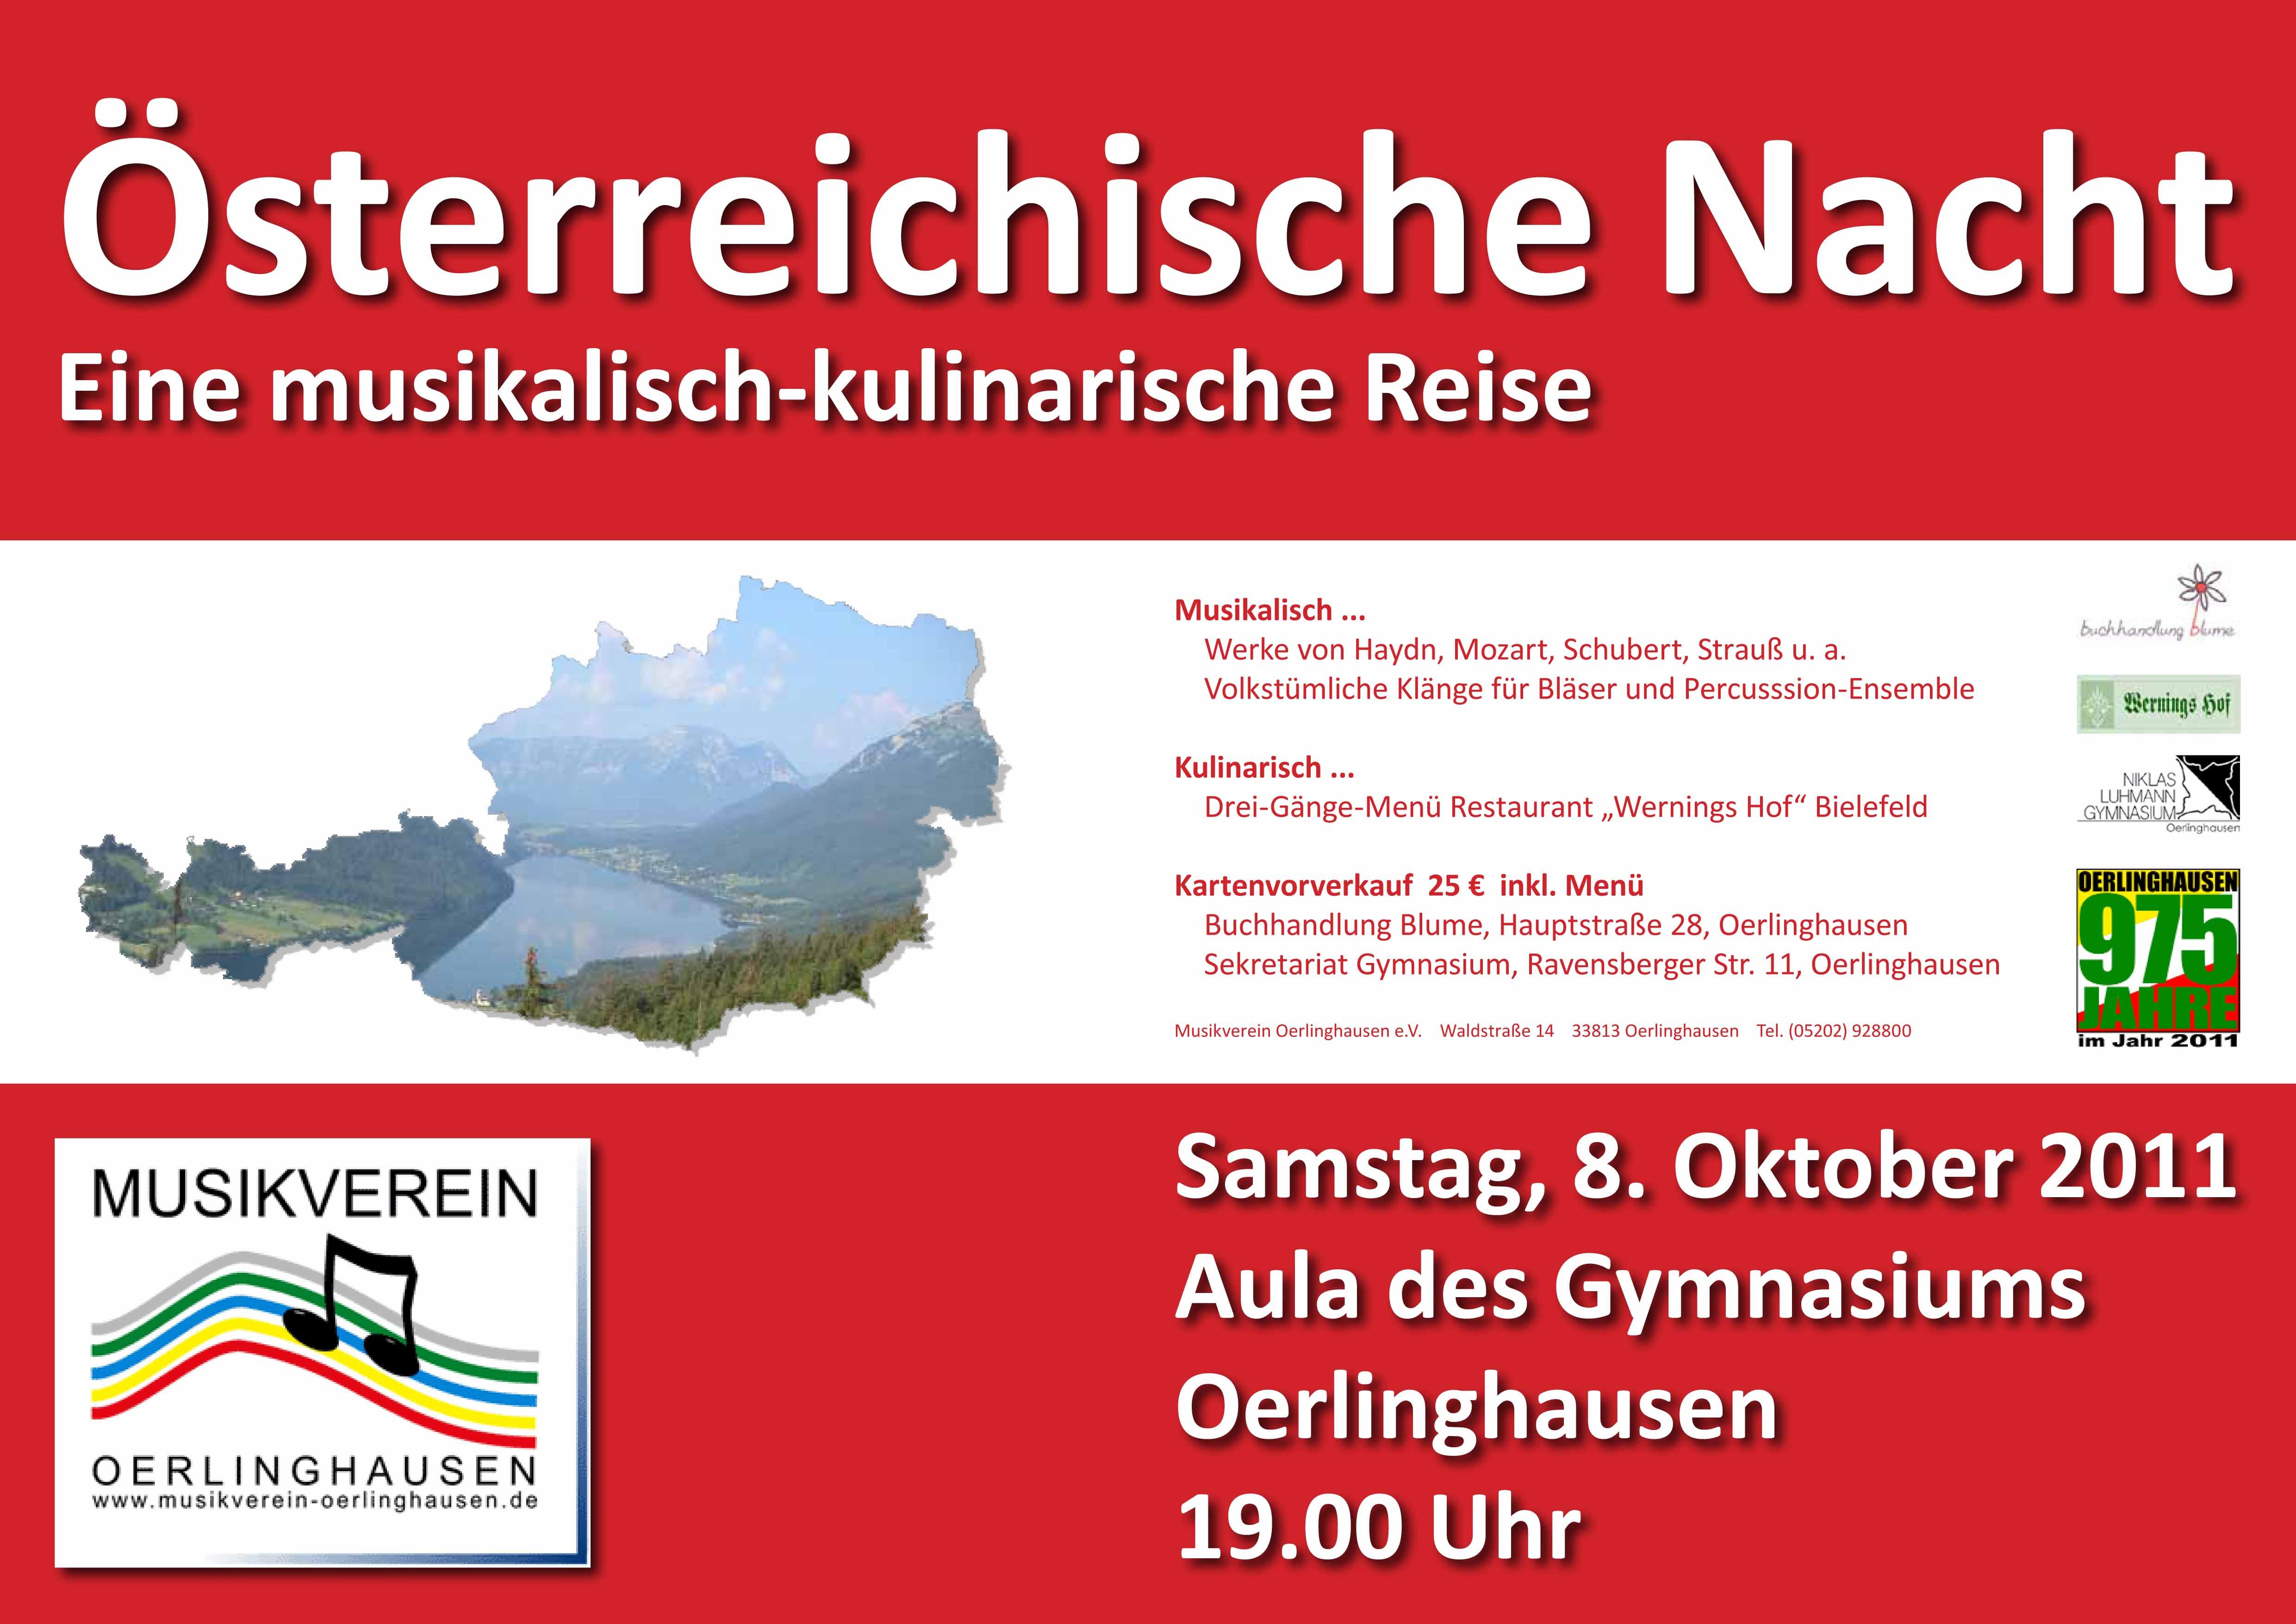 2011 Oesterreichische Nacht Plakat